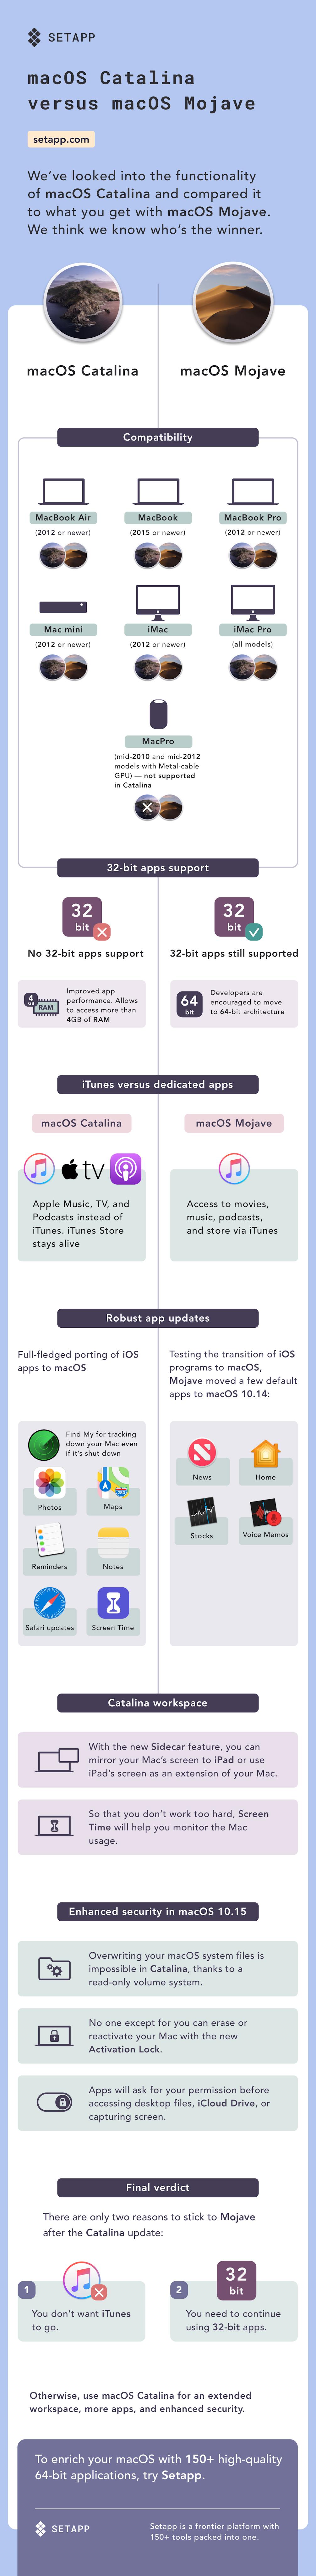 macOS 10.15 Catalina VS macOS 10.14 Mojave Infografic